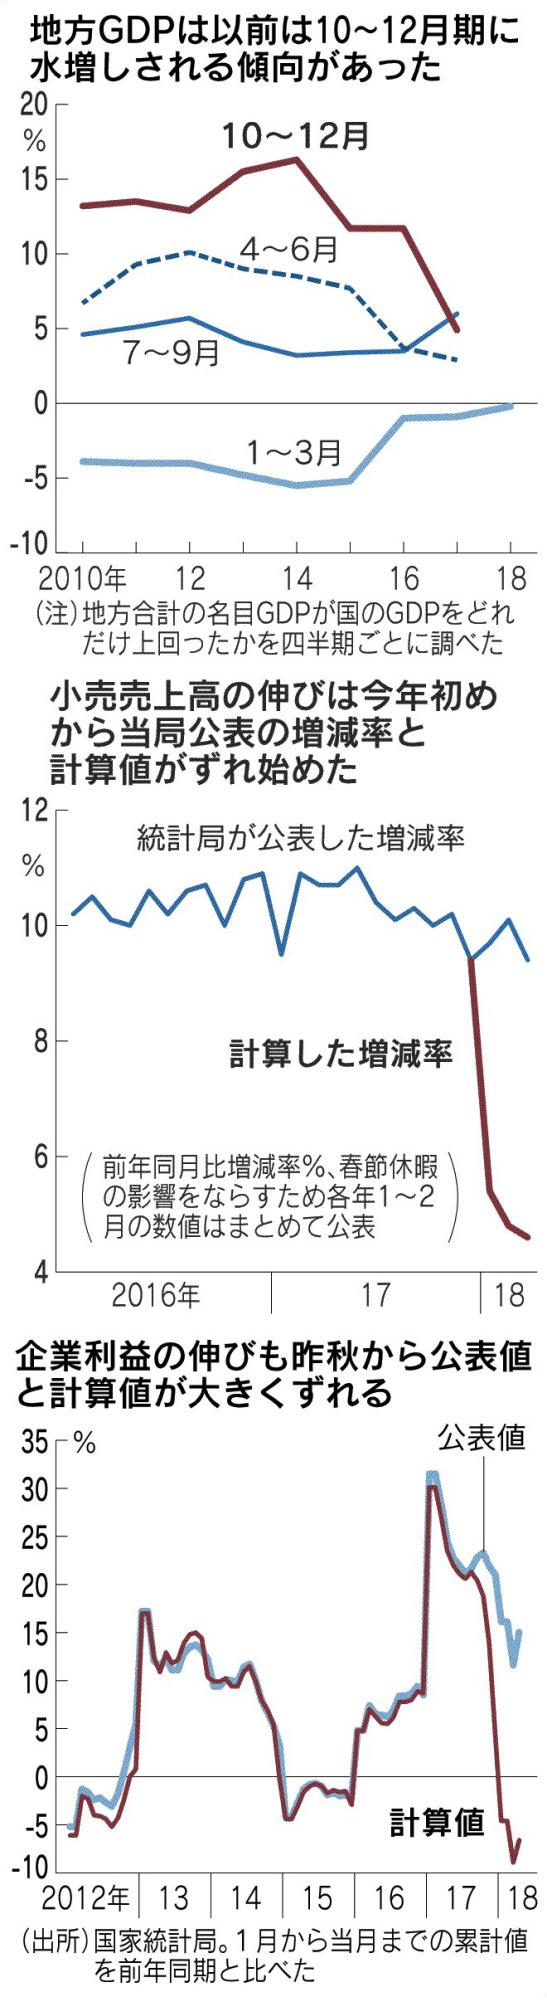 20180619_地方GDPは以前は10~12月期に水増しされる傾向があった_日本経済新聞朝刊